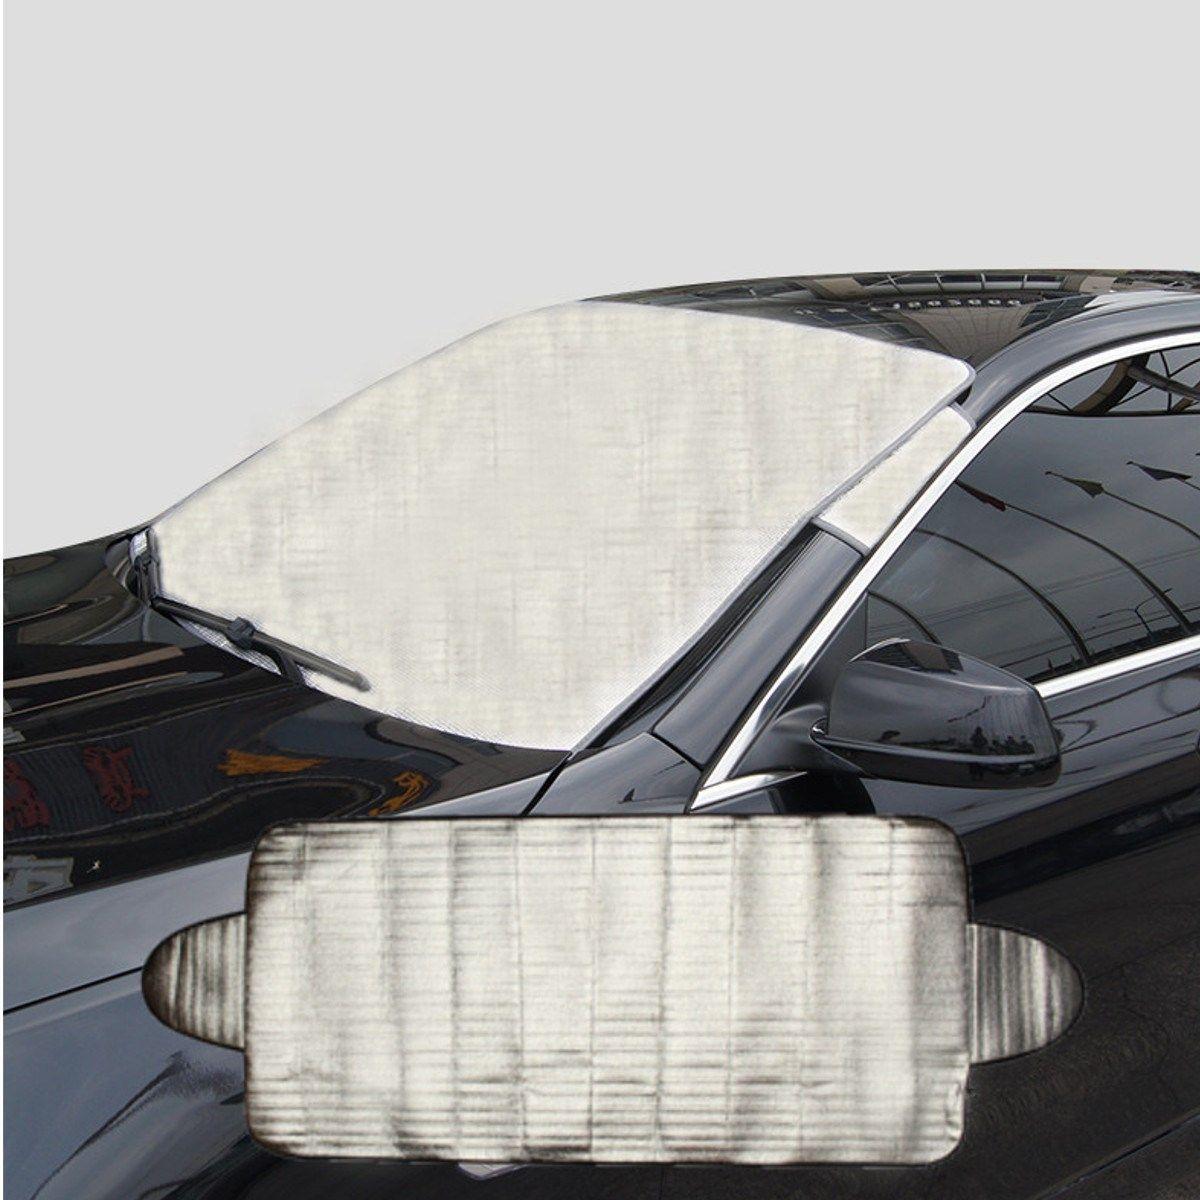 Auto Windschutzscheibe Visier Abdeckung Hitze Sonnenschutz Anti UV Schnee Frost Ice Shield Staubschutz